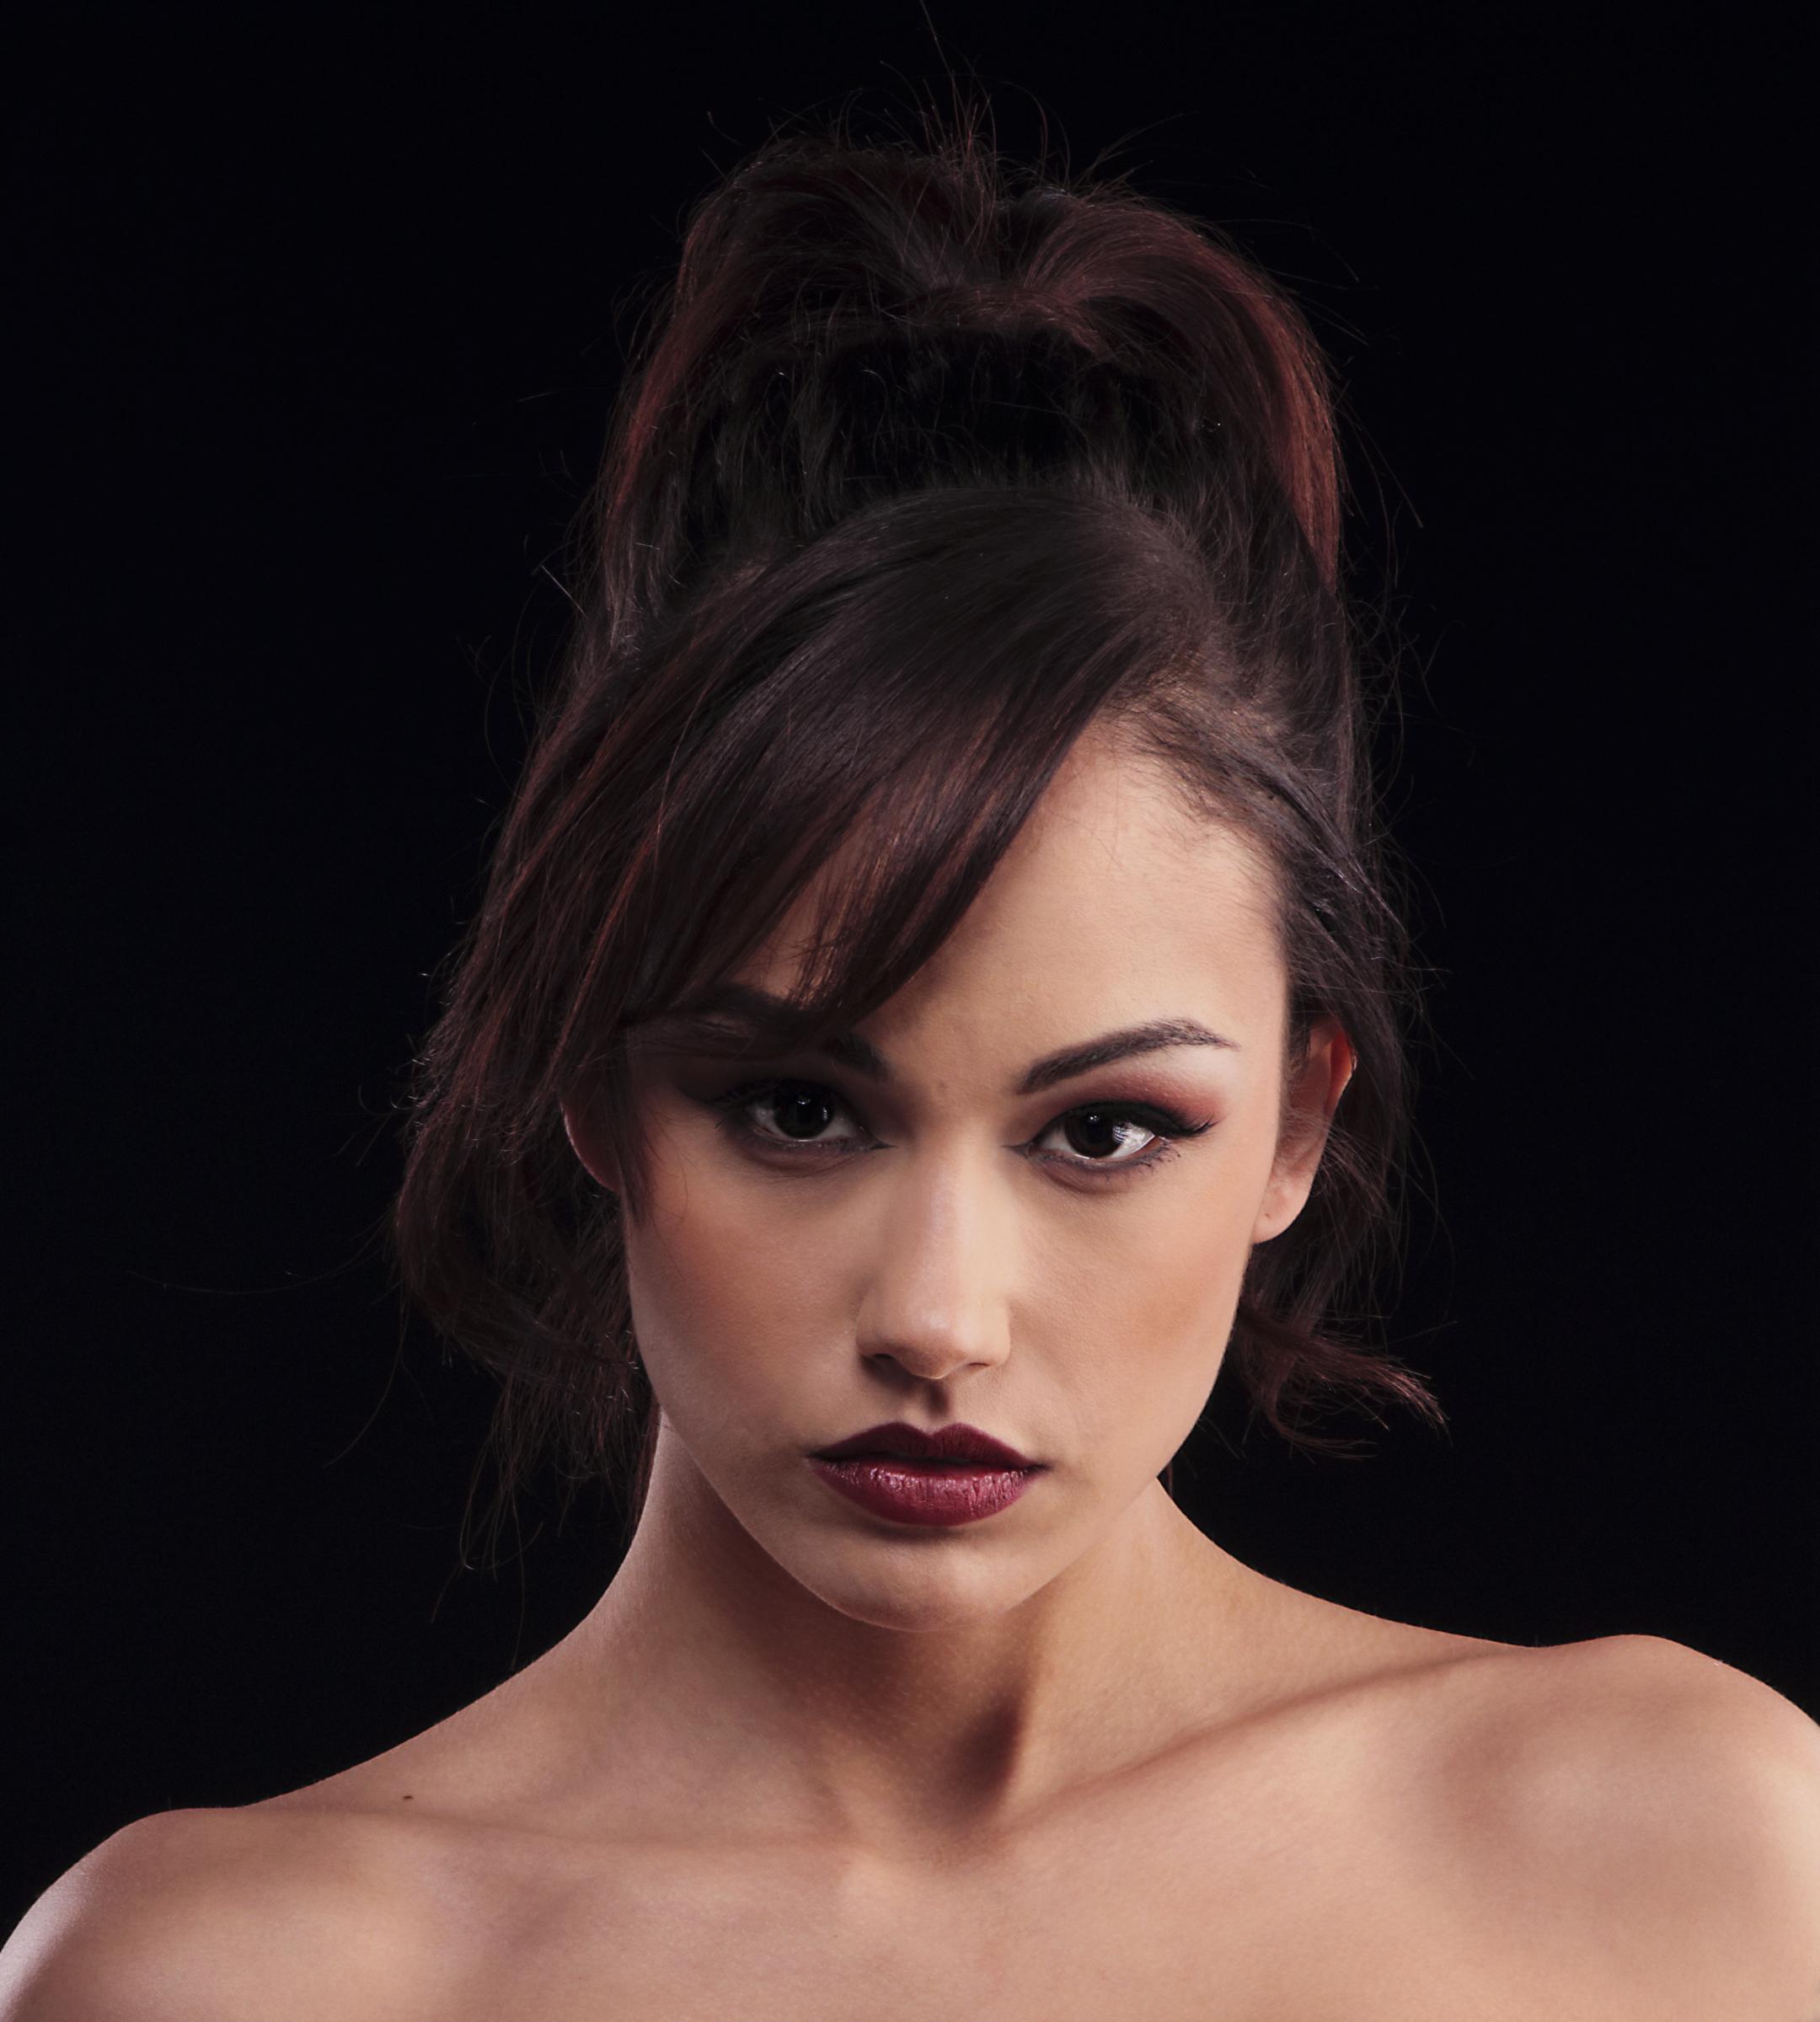 Alyx Nicole